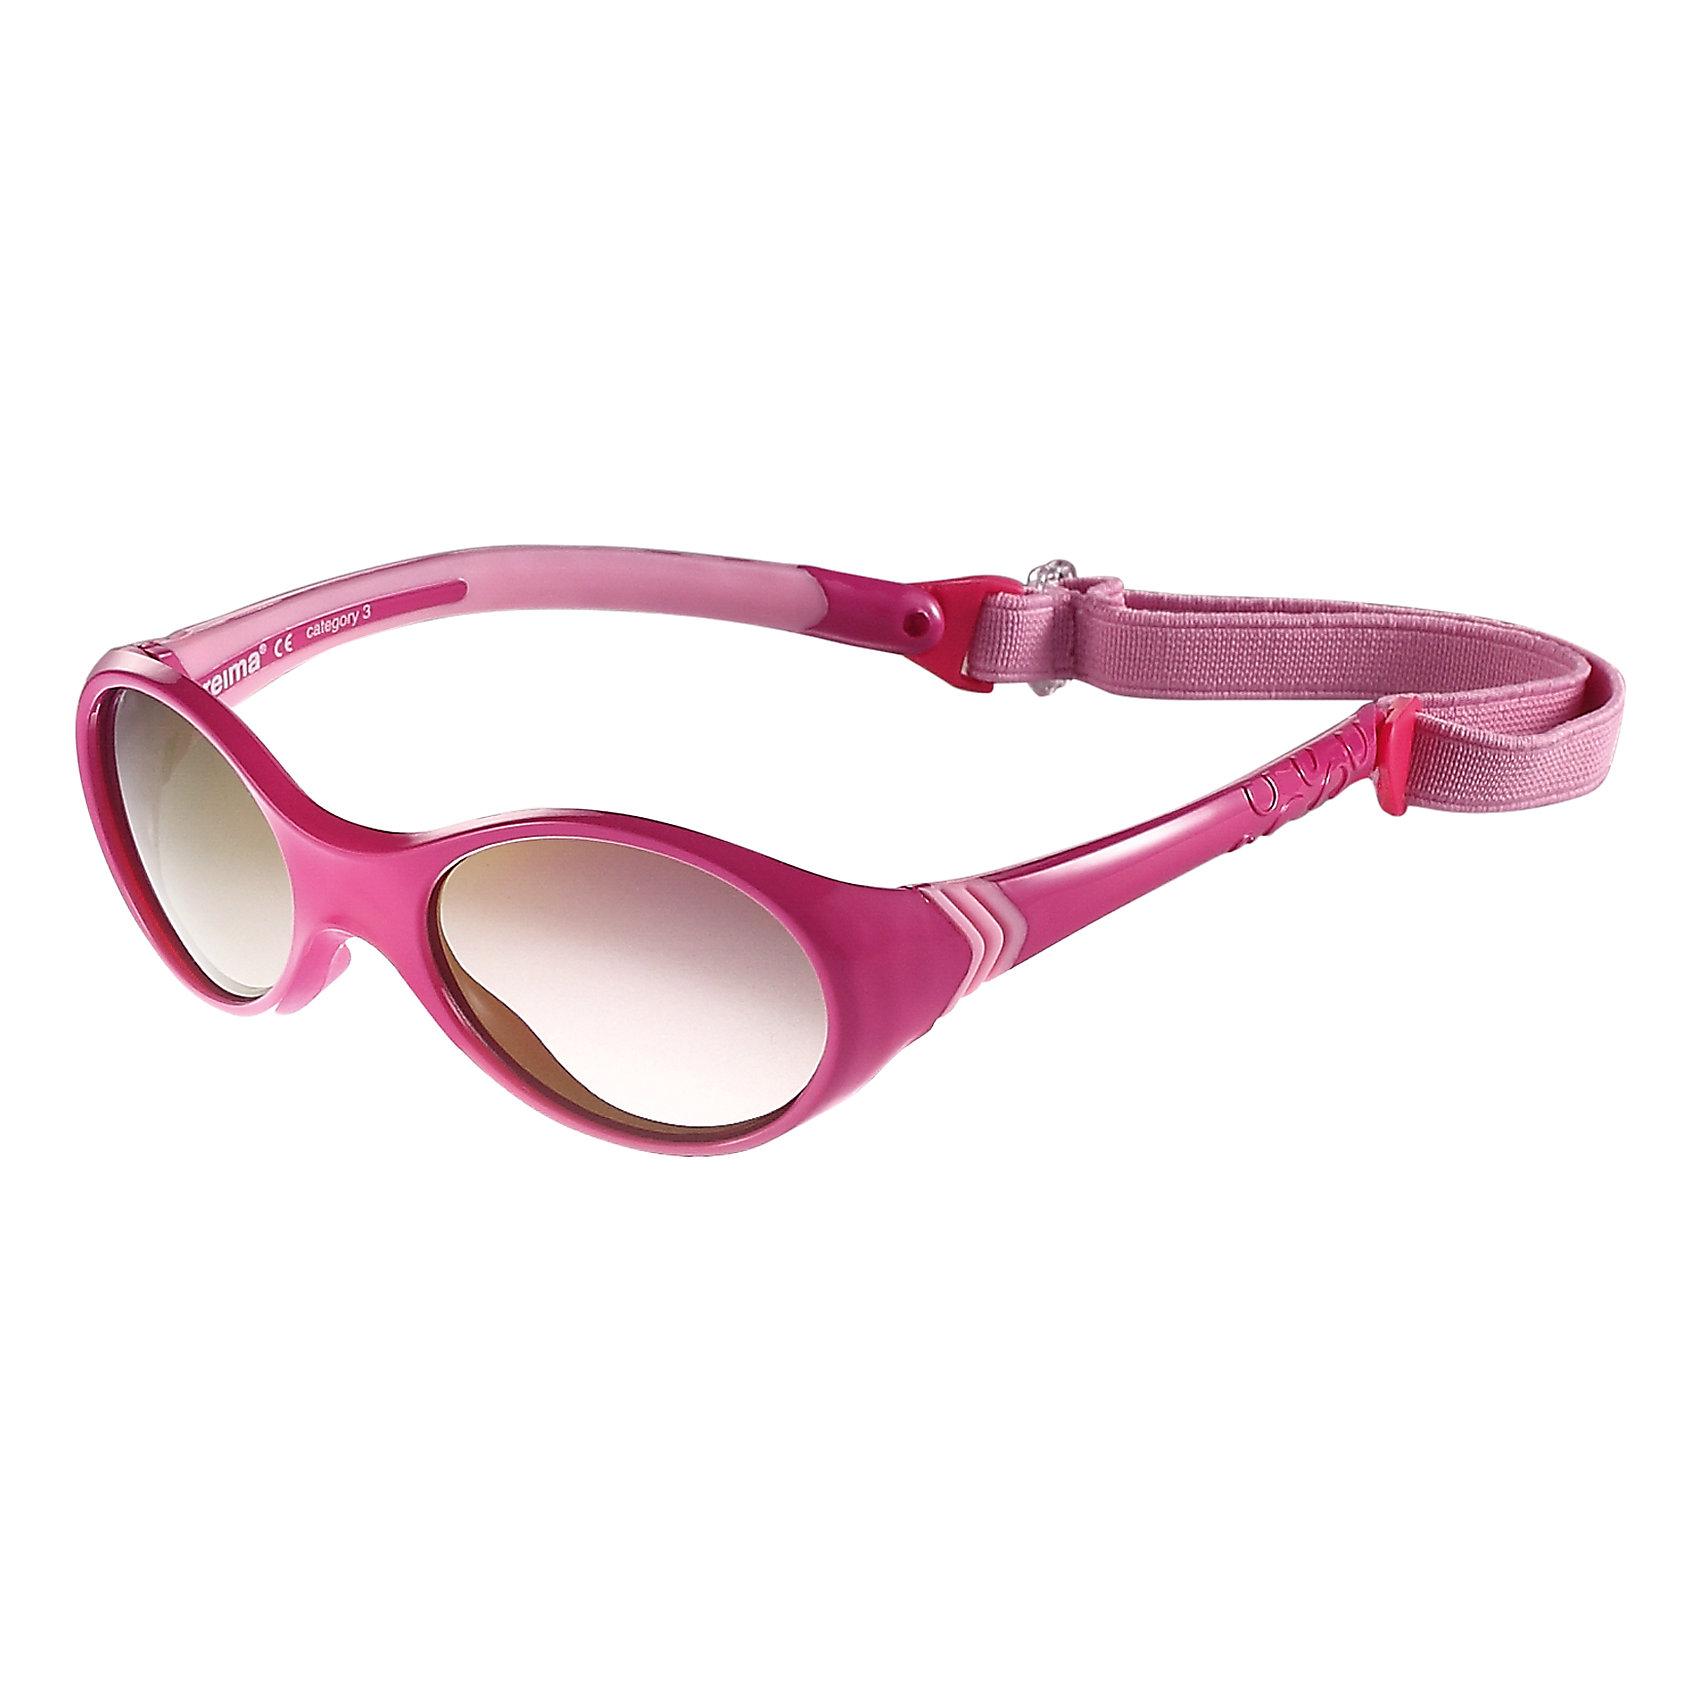 Солнцезащитные очки Reima MaininkiАксессуары<br>Характеристики товара:<br><br>• цвет: розовый;<br>• рекомендуется для детей возраста 2+;<br>• защита от ультрафиолетовых лучей спектра A и спектра B класса 5;<br>• зеркальные линзы, обработанные противотуманным покрытием;<br>• застежка: липучка сзади;<br>• мягкая и эластичная оправа из TPEE и резины;<br>• имеется защитный чехол;<br>• съемный эластичный кант;<br>• страна бренда: Финляндия;<br>• страна производства: Китай.<br><br>Солнцезащитные очки для малышей и детей постарше самый важный аксессуар летнего сезона! Нужно обязательно защищать маленькие глазки от вредного ультрафиолета. Линзы в этих очках обеспечивают комплексную защиту от УФА и УФВ лучей. <br>Очки сертифицированы по стандартам ЕС. Поставляются в комплекте с удобным чехлом. Рекомендованы для детей от 0 до 4 лет. Симпатичные очки ярких расцветок очень удобны в использовании благодаря съемной эластичной резинке.<br><br>Солнцезащитные очки Maininki Reima (Рейма) можно купить в нашем интернет-магазине.<br><br>Ширина мм: 170<br>Глубина мм: 157<br>Высота мм: 67<br>Вес г: 117<br>Цвет: розовый<br>Возраст от месяцев: 48<br>Возраст до месяцев: 168<br>Пол: Унисекс<br>Возраст: Детский<br>Размер: one size<br>SKU: 6905298